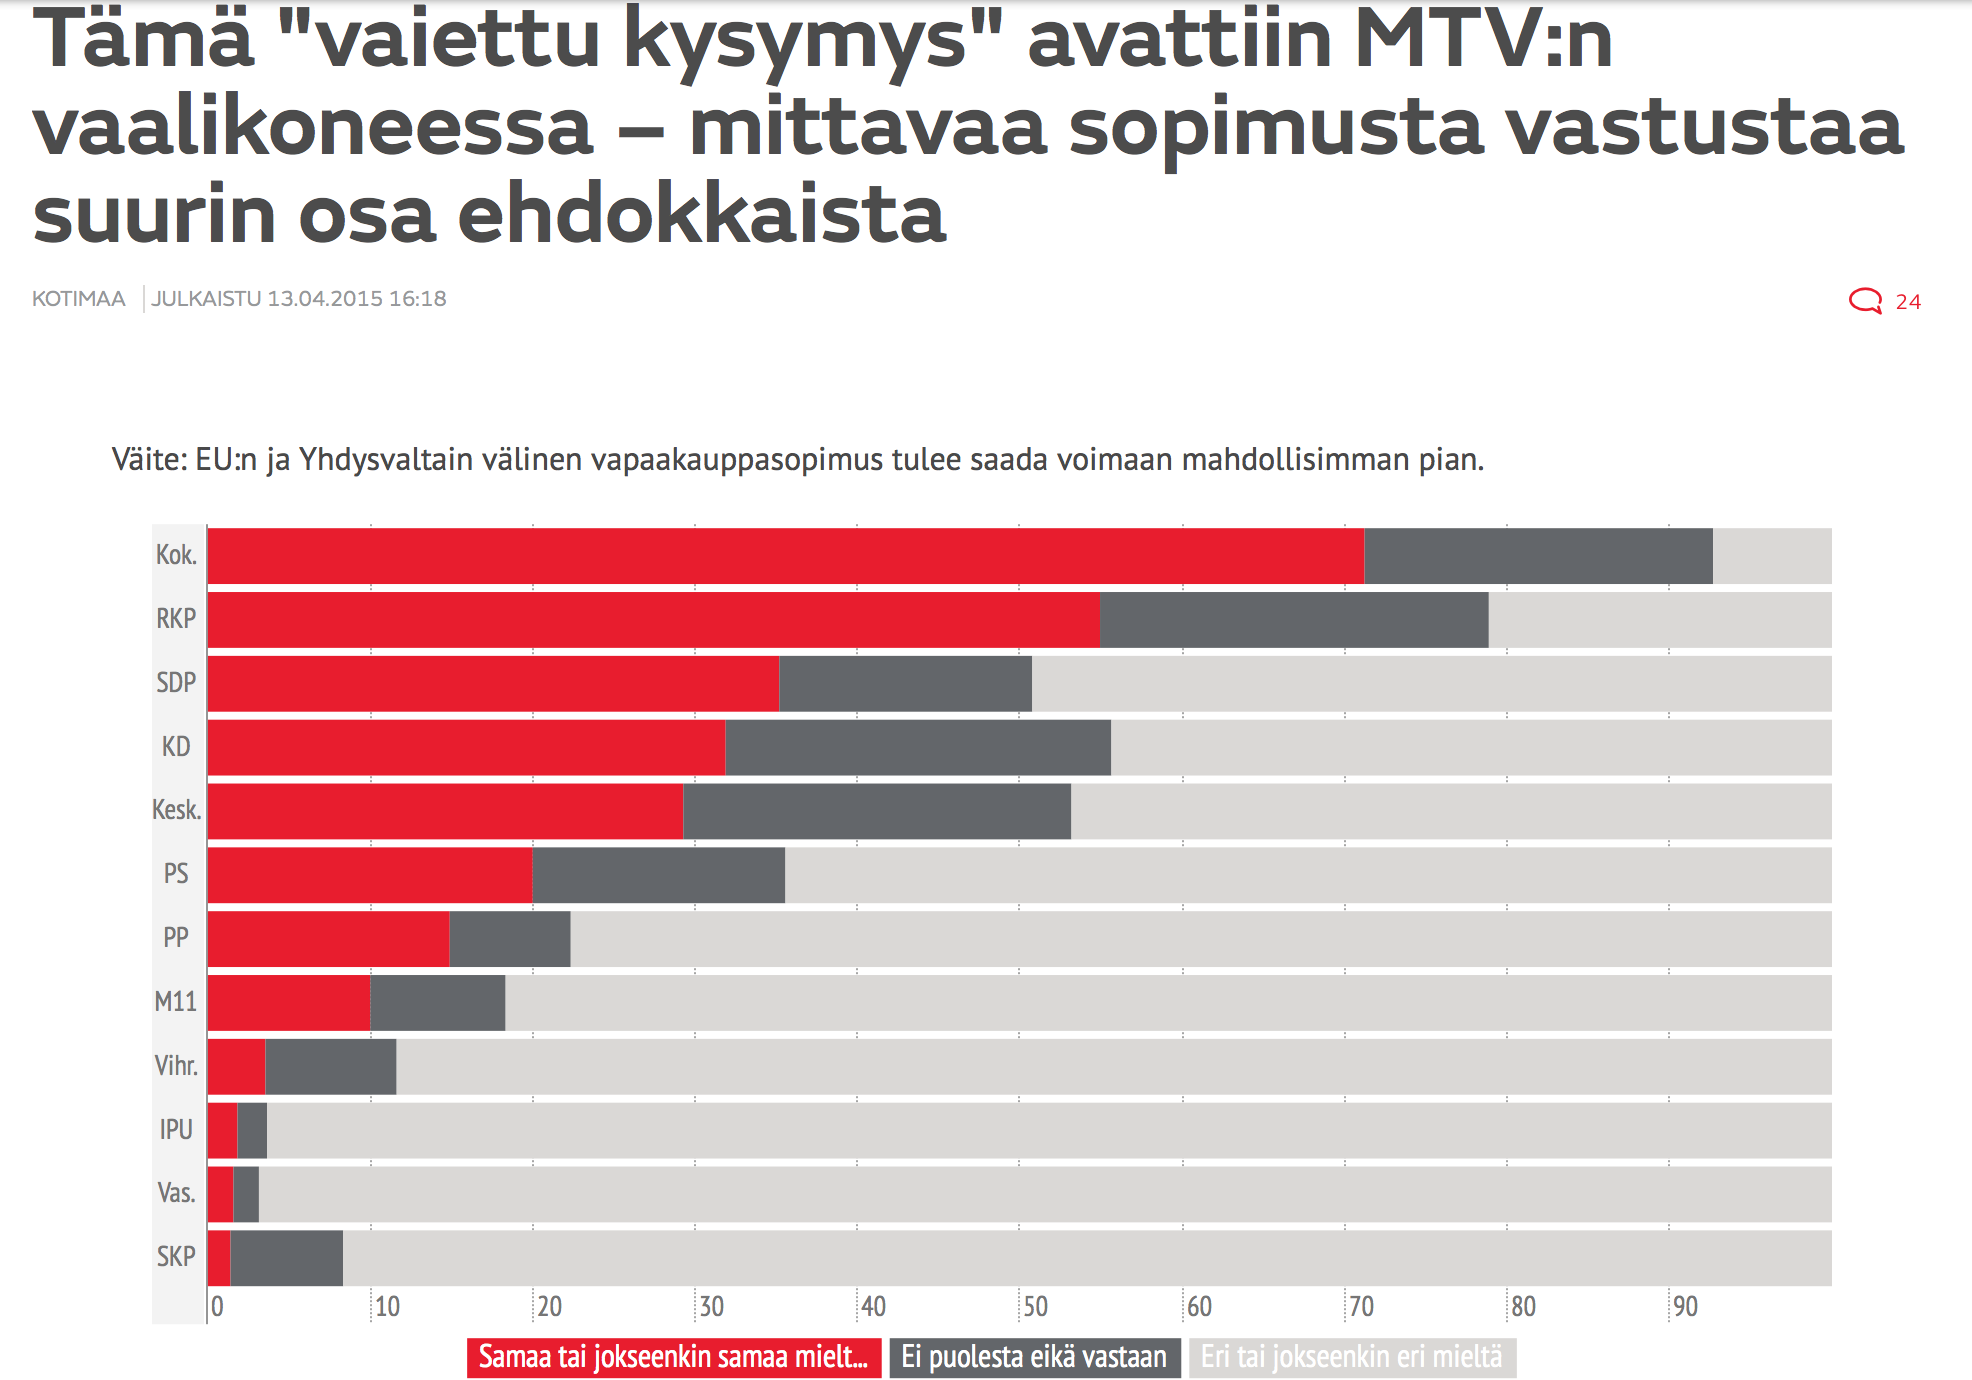 Viekö EU:n ja Yhdysvaltain välinen vapaakauppasopimus toteutuessaan päätösvaltaa Suomelta?